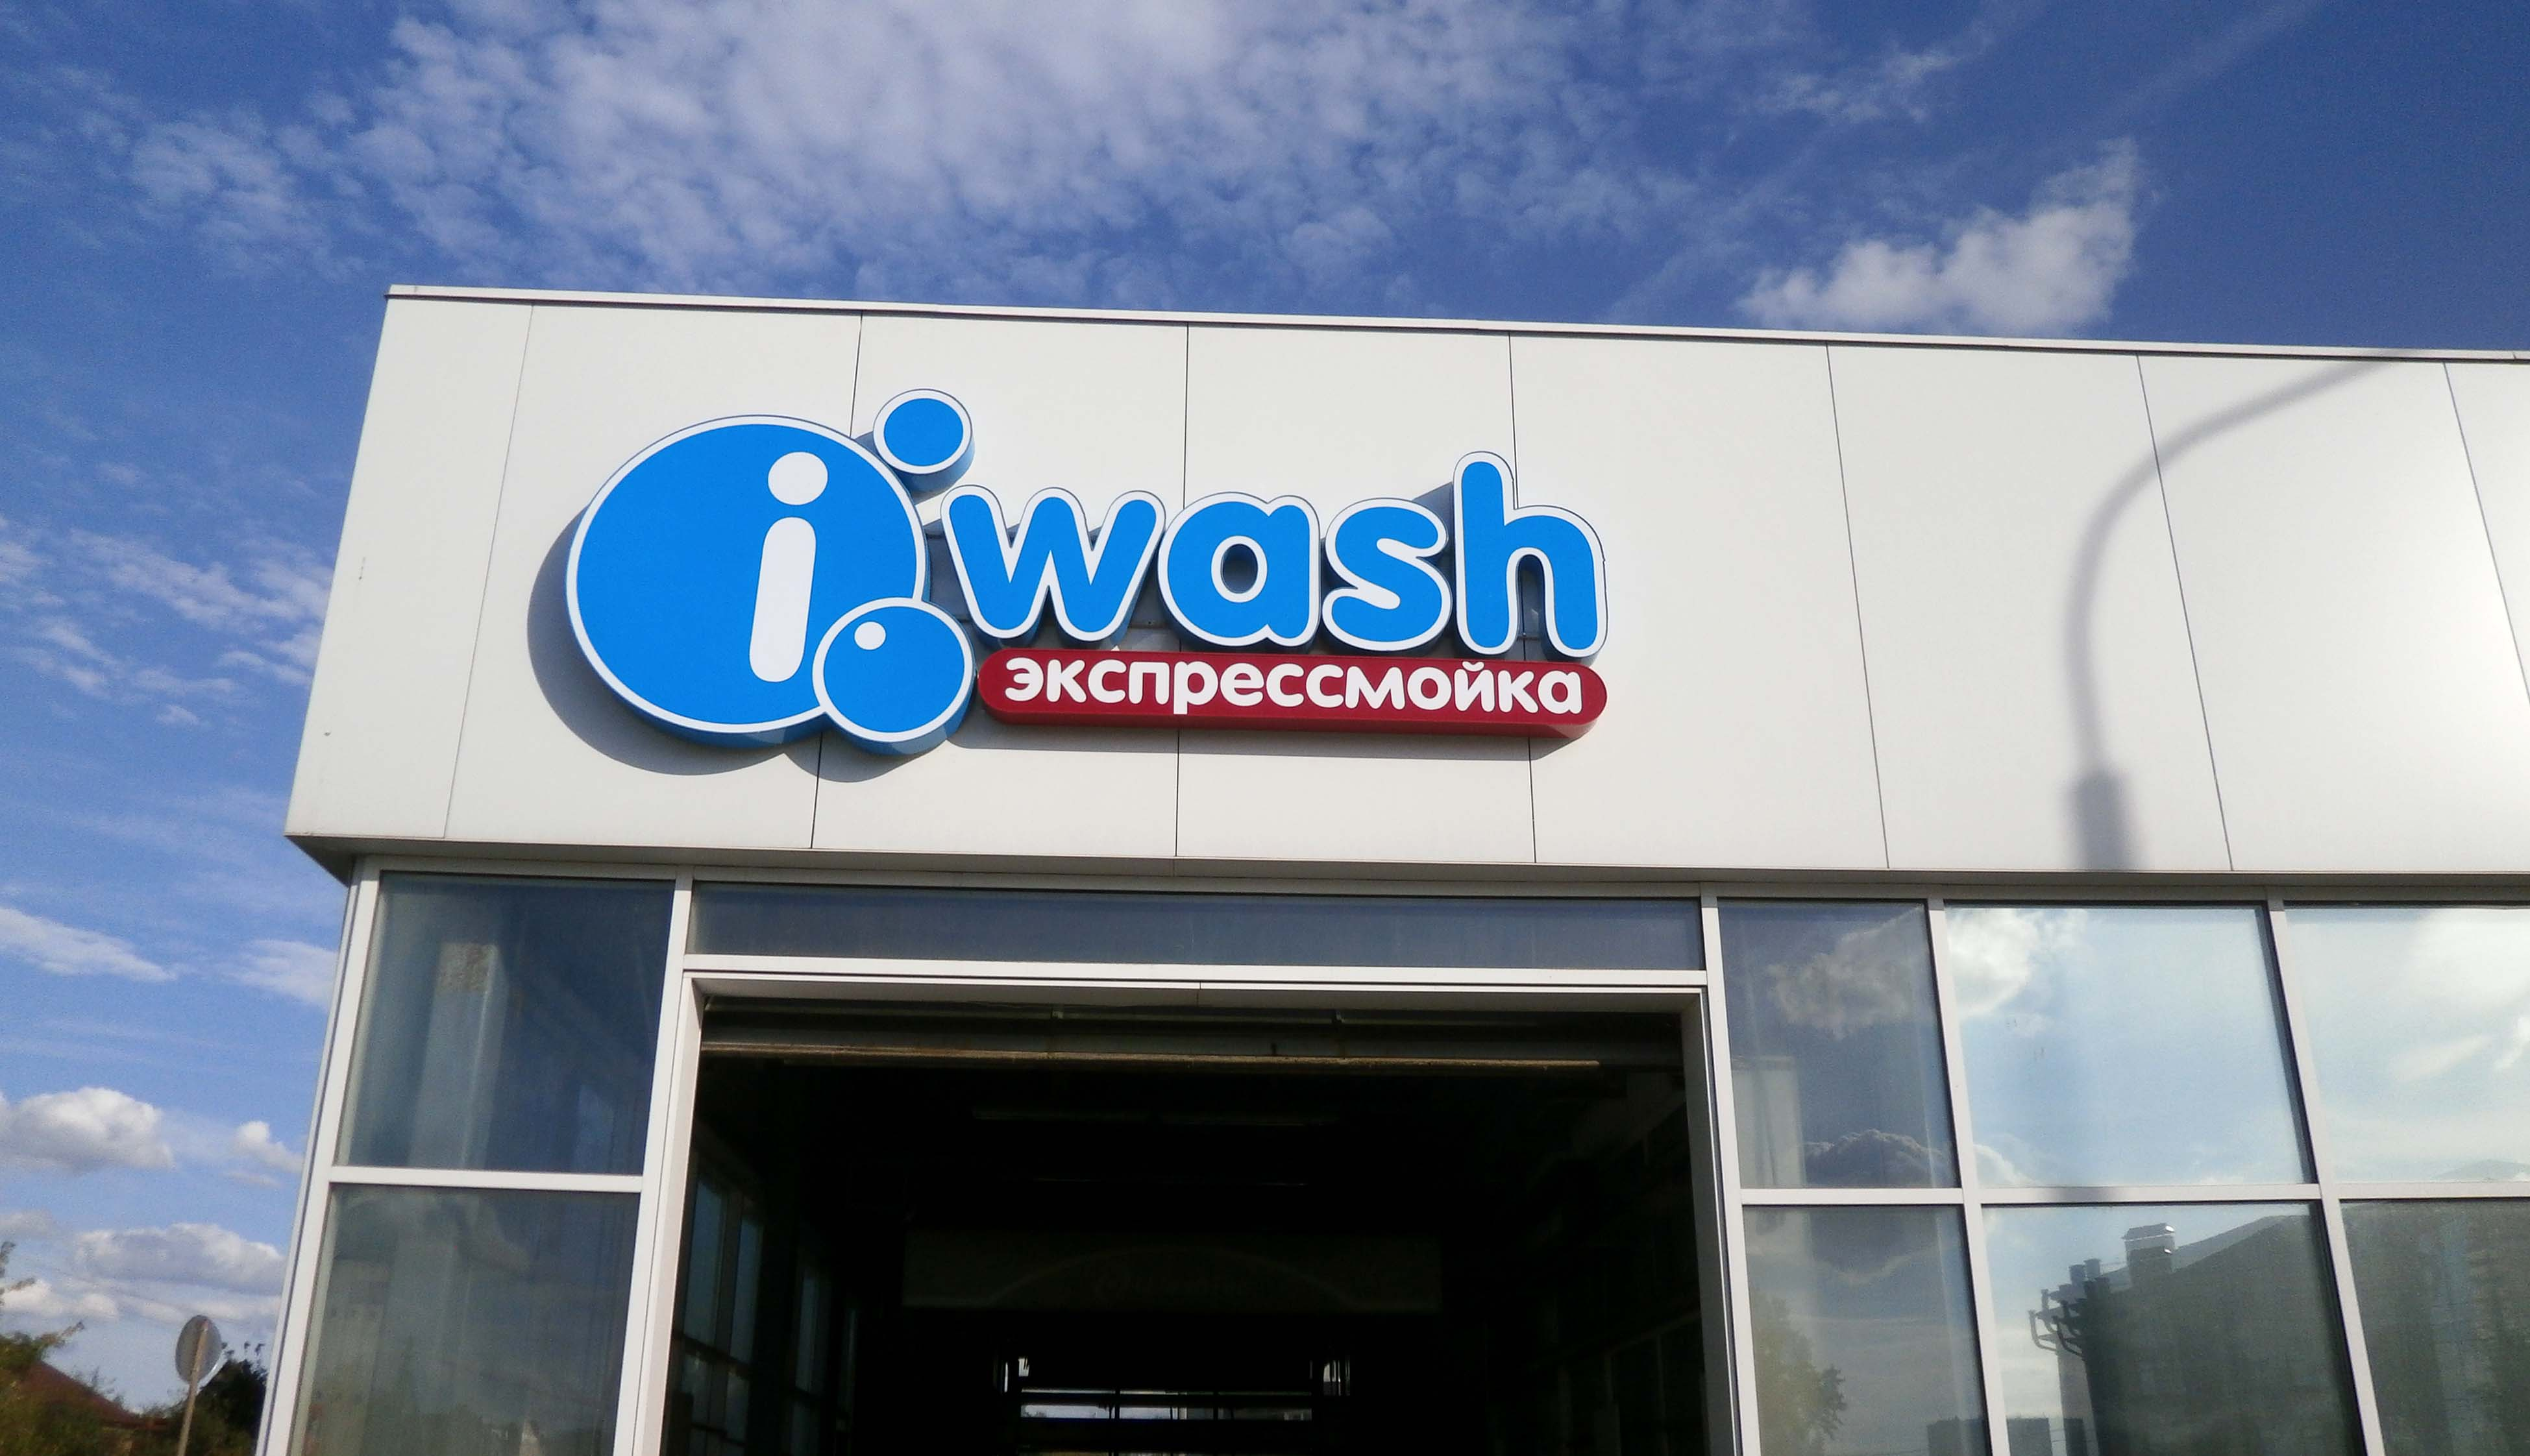 Изготовление и монтаж вывески, для АЗС «Башнефть», экспрессмойка «I Wash»